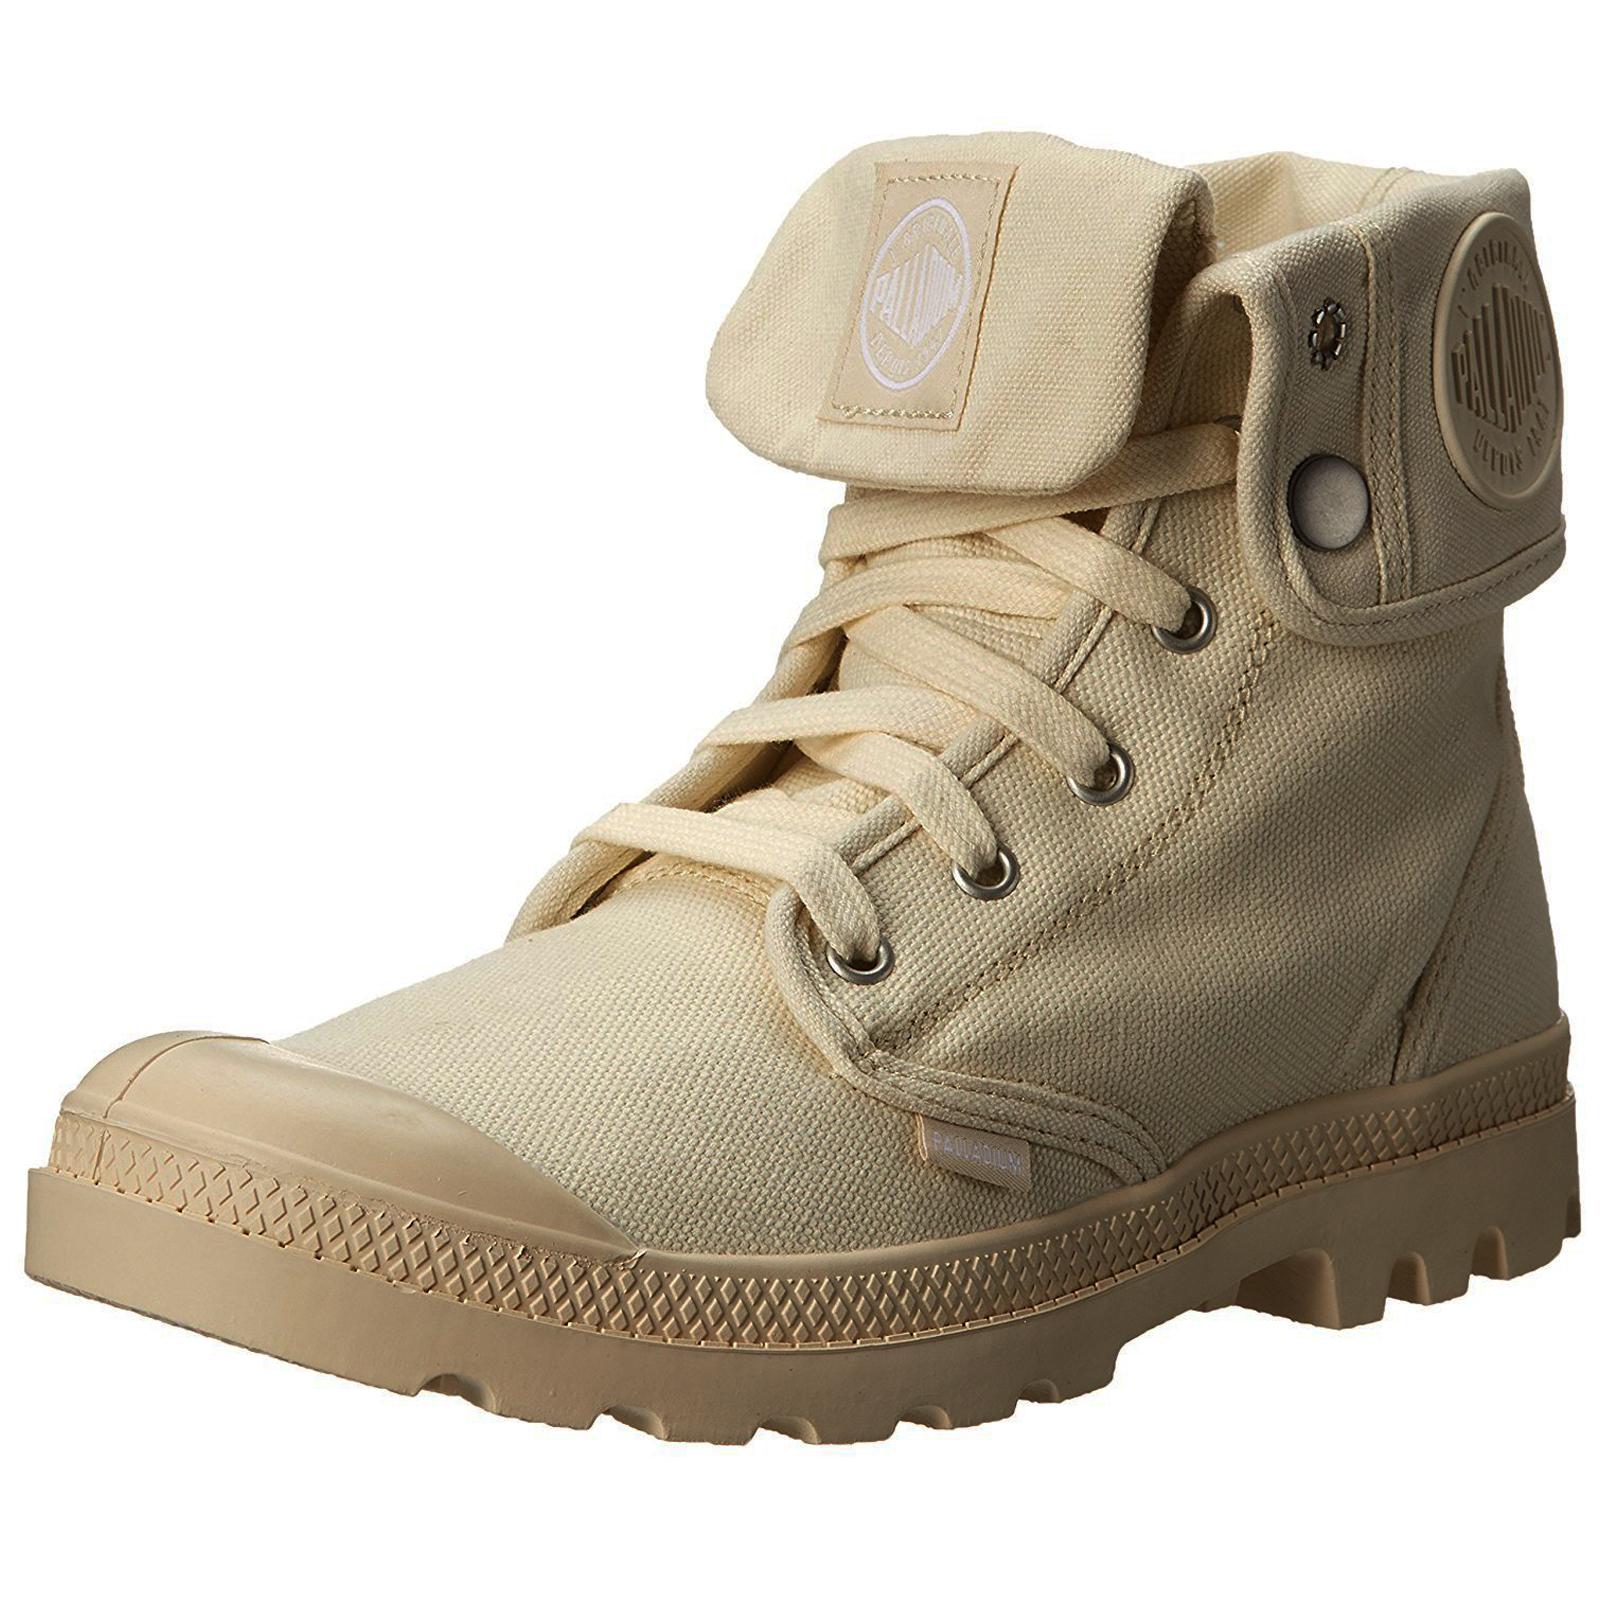 Palladium-Holgado-de-lona-para-mujer-Botas-al-Tobillo-Zapatos-para-caminar-senoras-diseno-de-dos